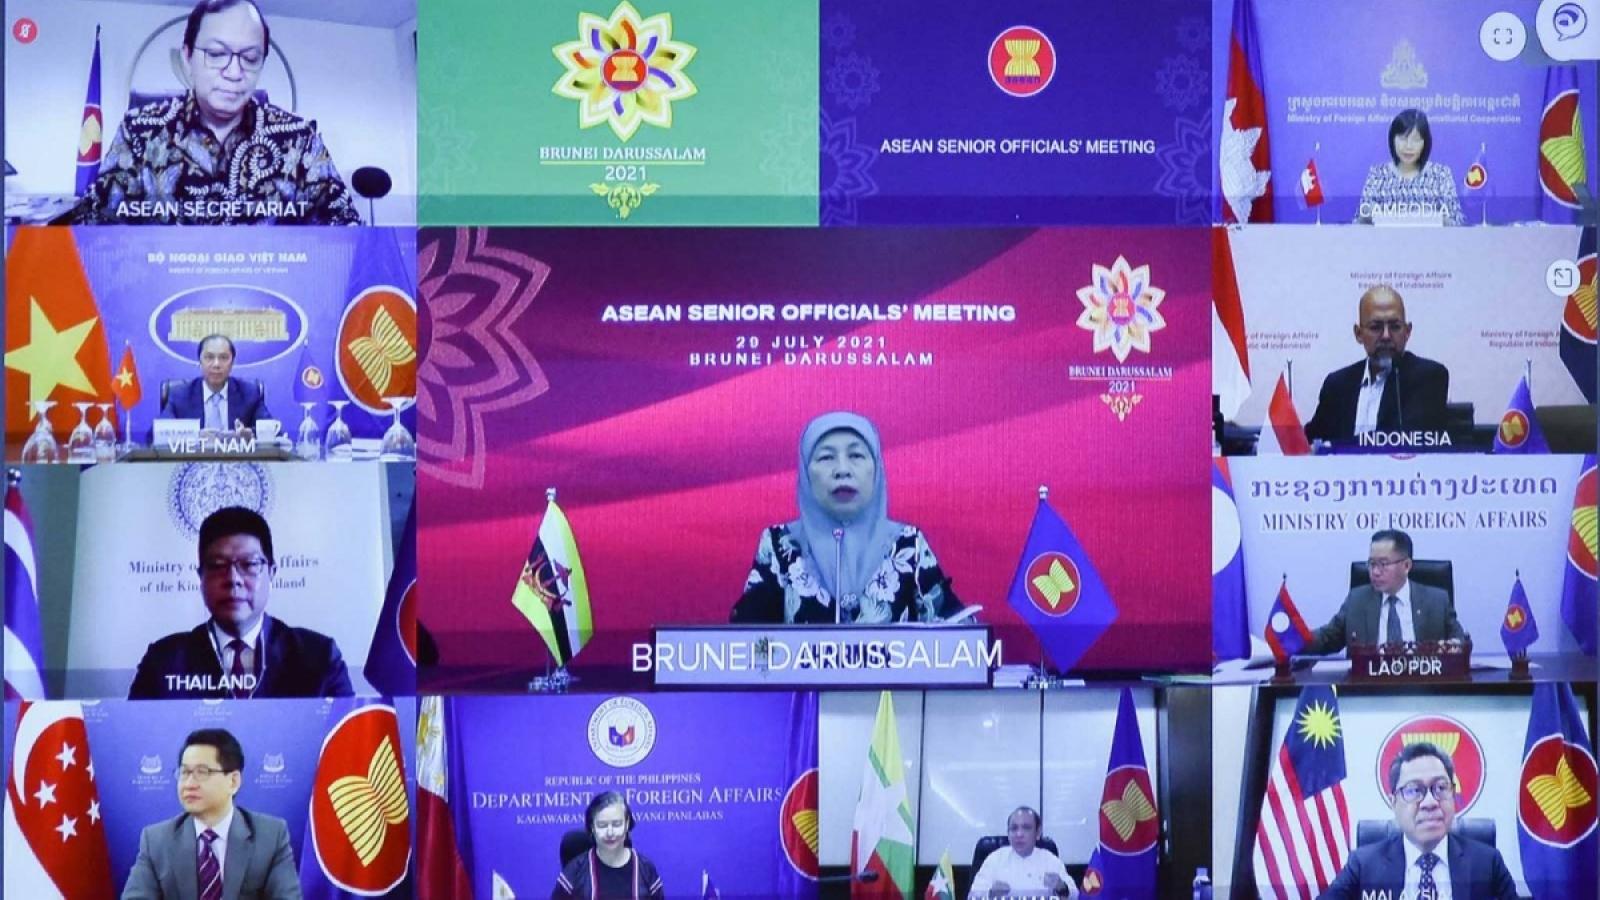 Hôm nay, khai mạc Hội nghị Bộ trưởng Ngoại giao ASEAN lần thứ 54